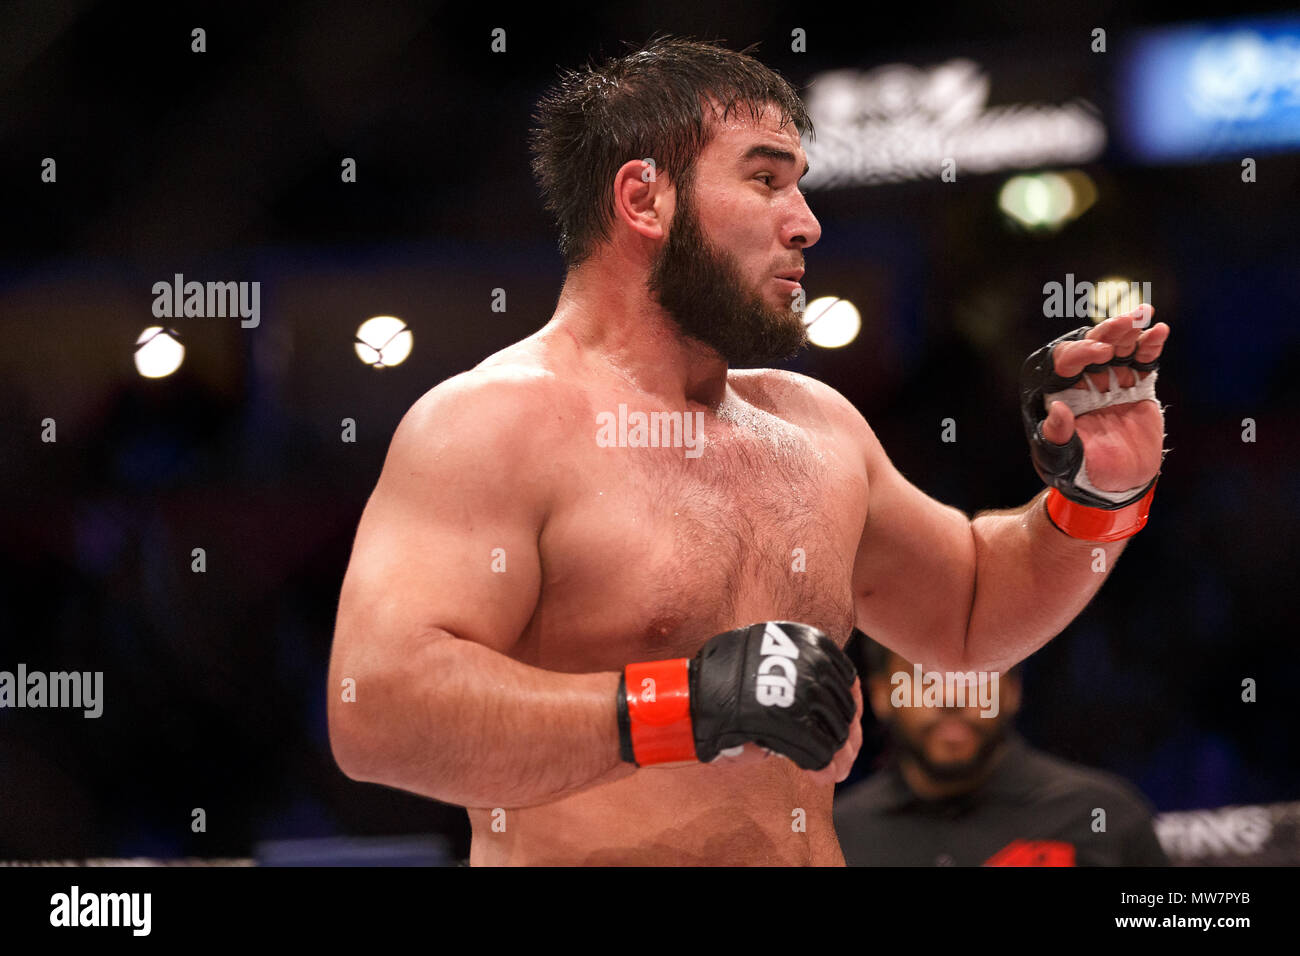 Mukhomad Vakhaev, Artes Marciales Mixtas. Vakhaev ganó el Campeonato de Peso Pesado de ACB en agosto de 2017. Artes Marciales Mixtas, MMA fighter, Campeonato absoluto Berkut. Foto de stock